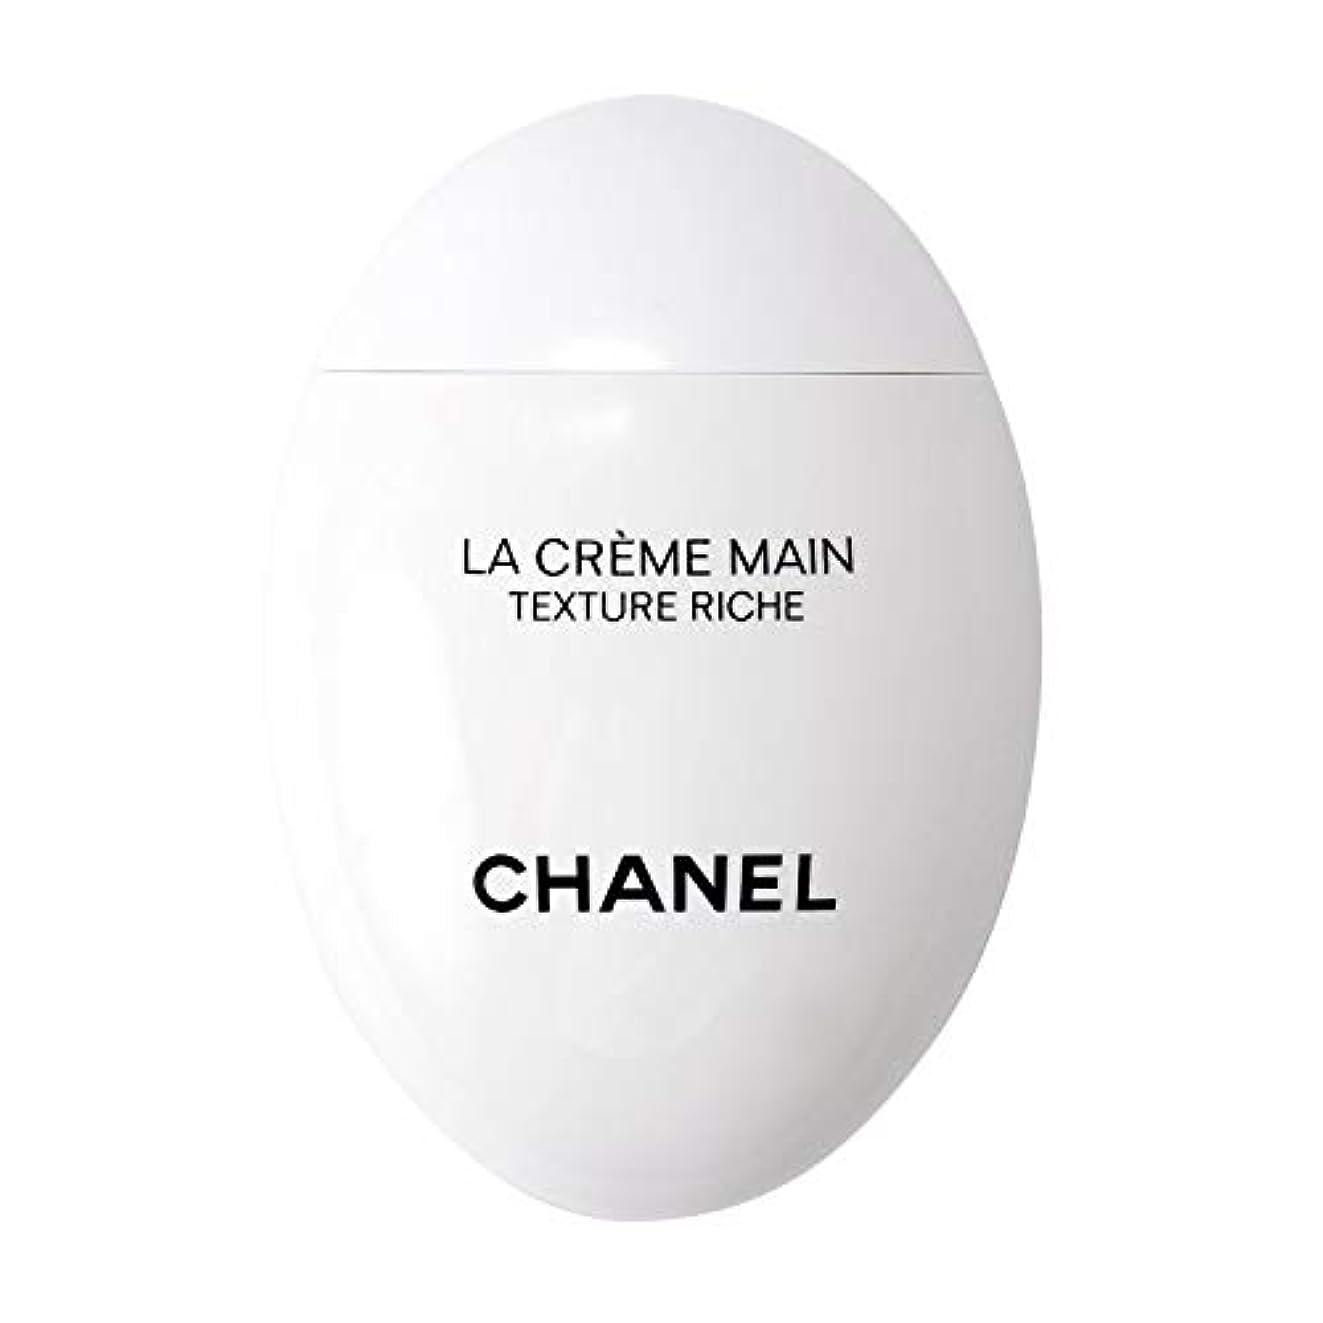 滅びるイースター幸運なことに[ギフトラッピング] シャネル CHANEL ハンドクリーム 50ml ラ クレーム マン ショップバッグ付き (50ml)